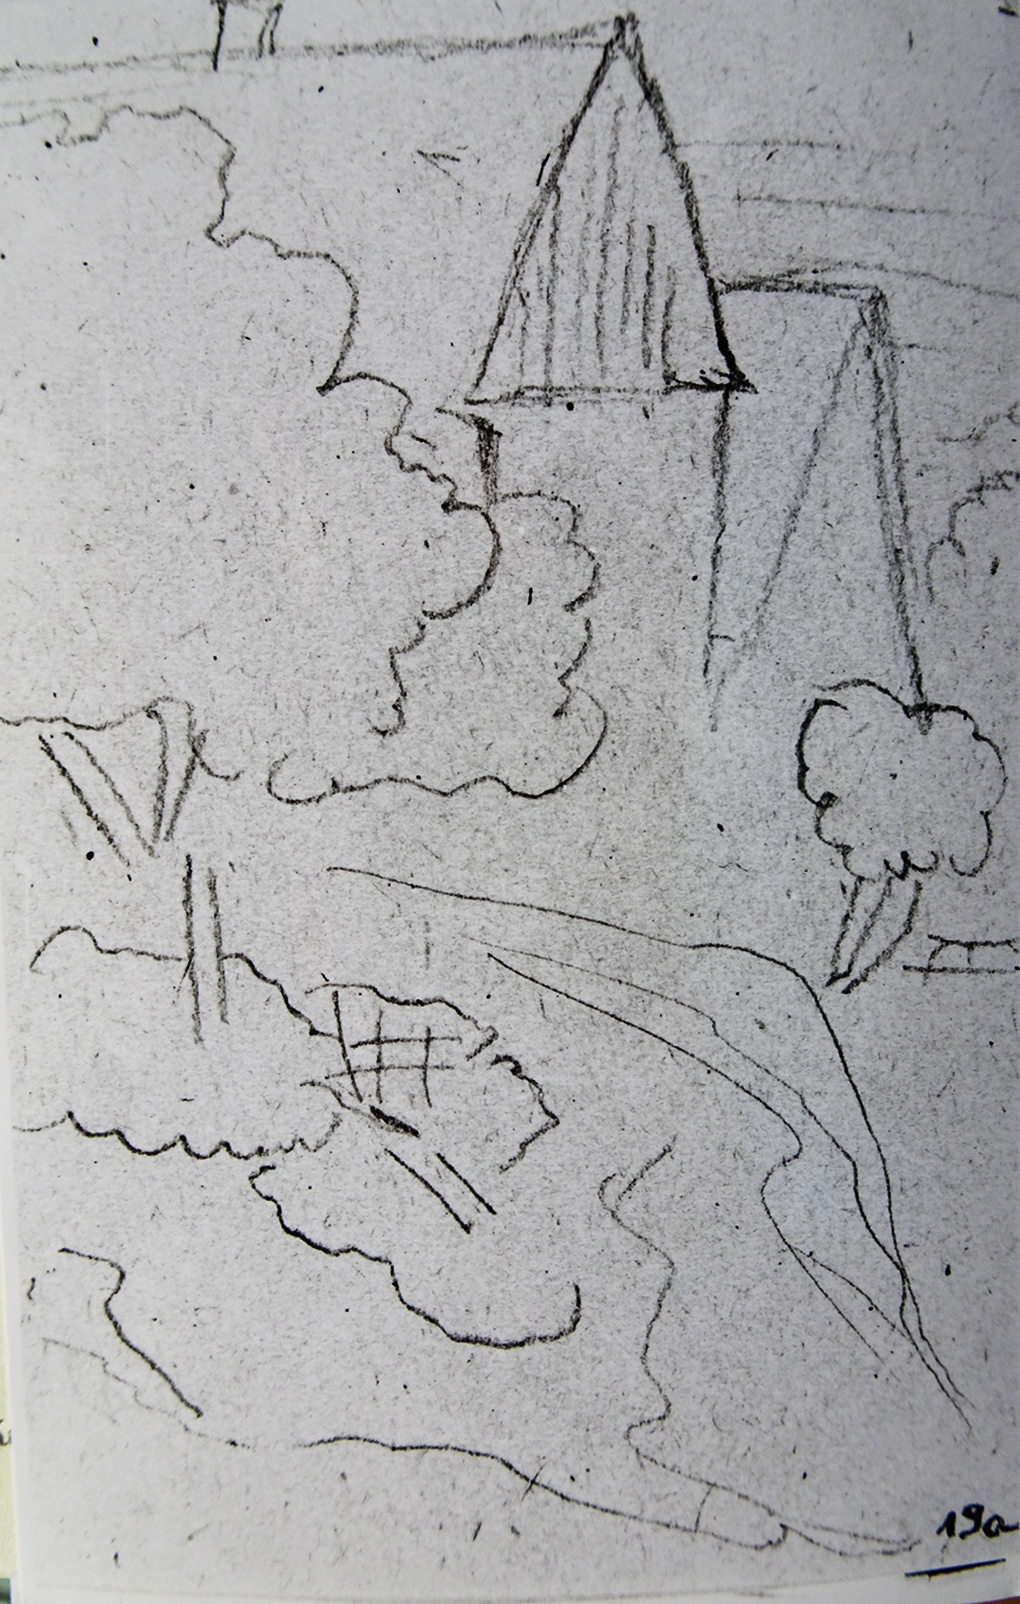 Ludwig Most, Fragment zabudowy wiejskiej w okolicach Szczecina, nie datowany (10.09.1840?), ołówek, papier czerpany, Szkicownik nr 12, karta 19a, Muzeum Narodowe w Szczecinie